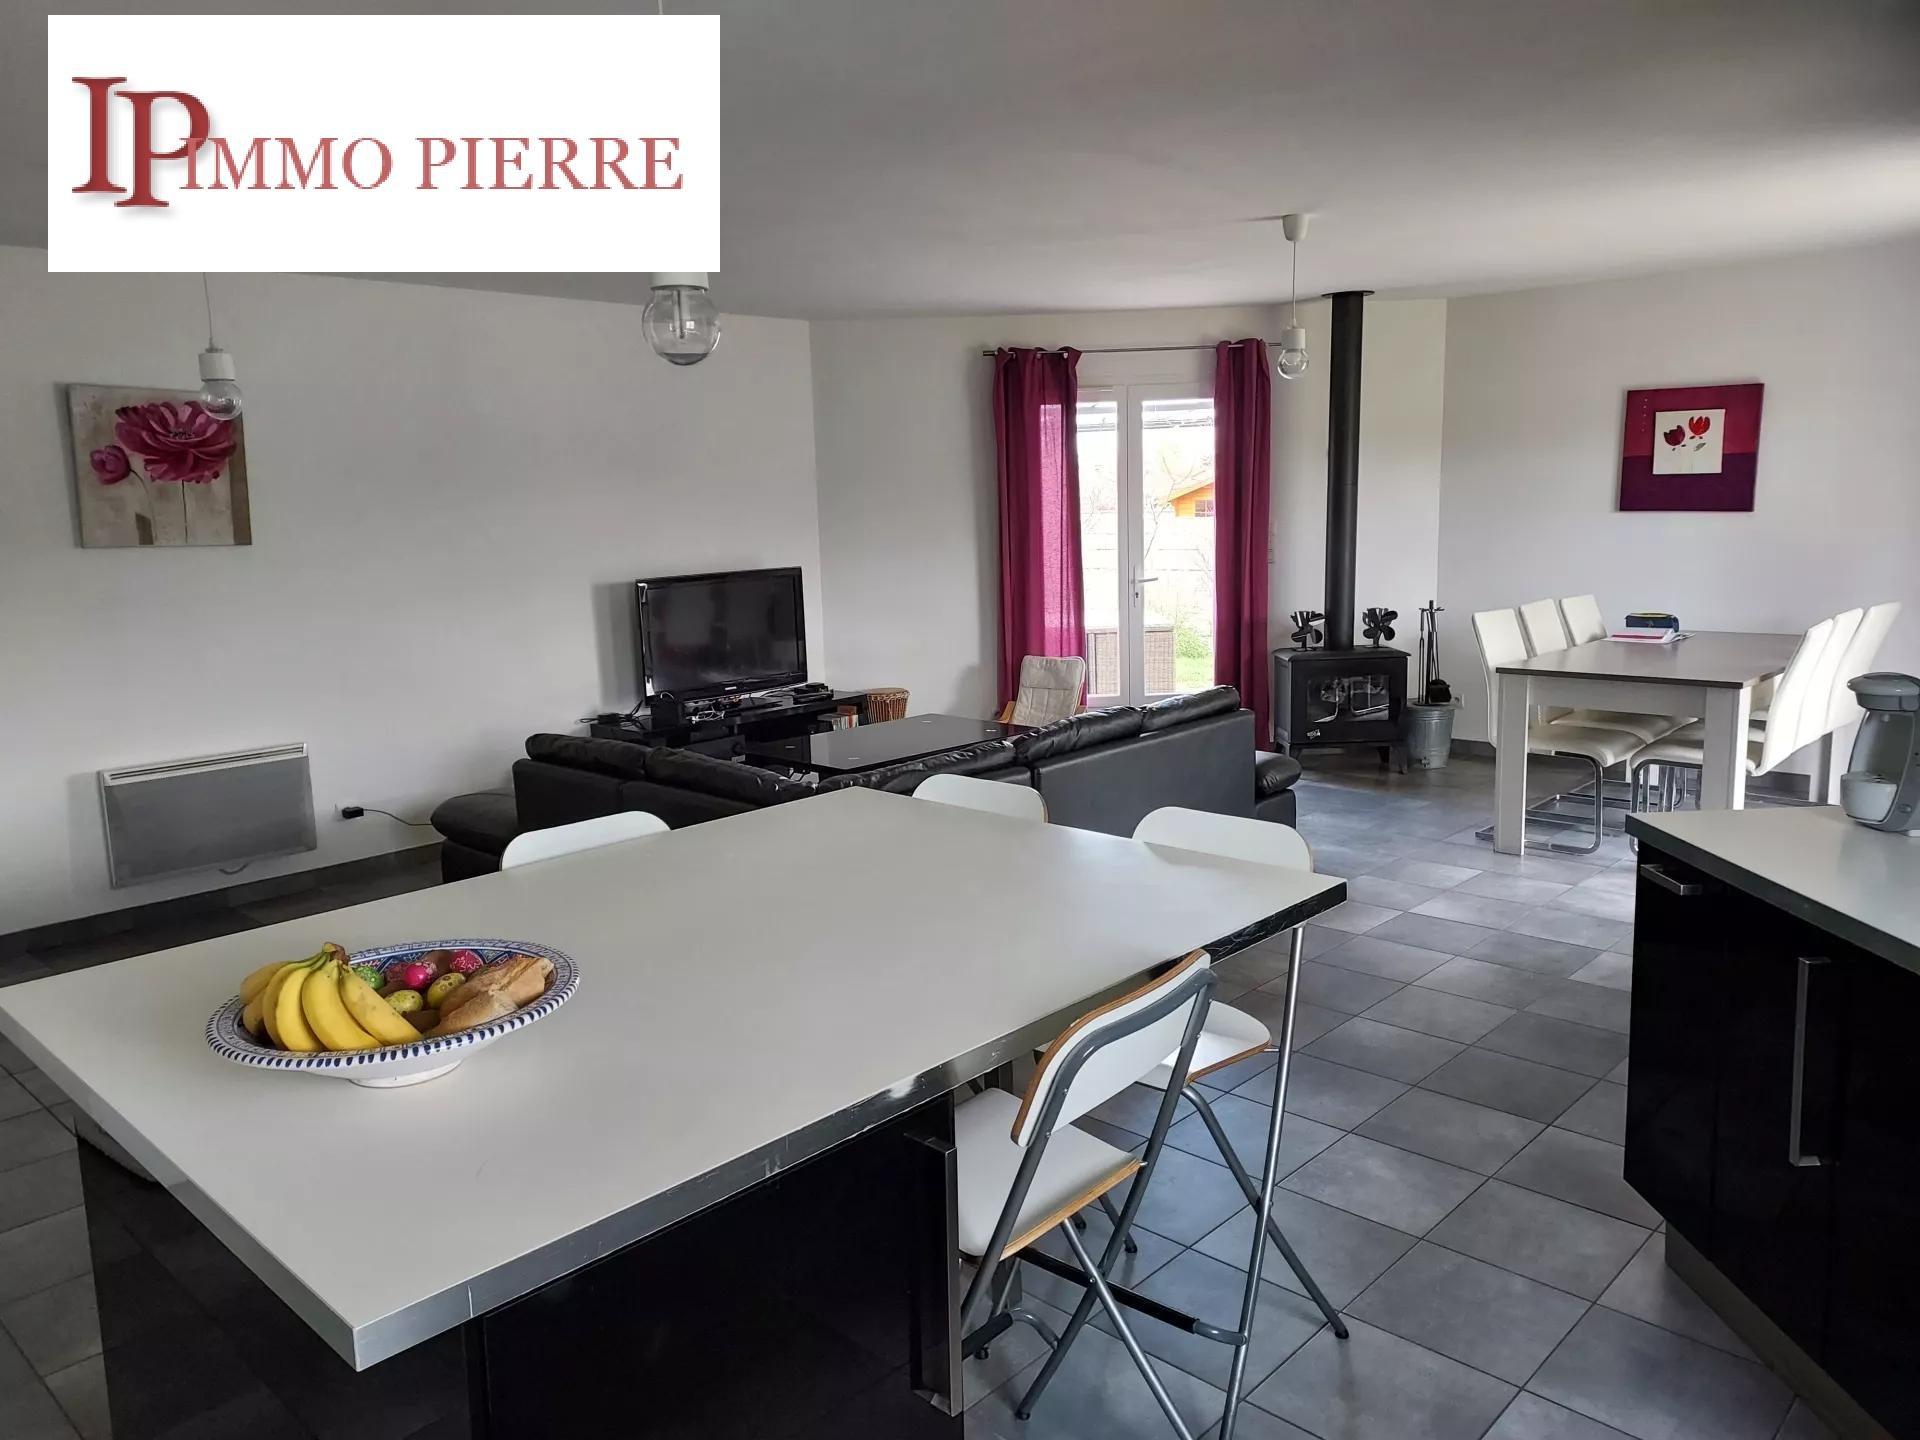 Vente Maison - Mably